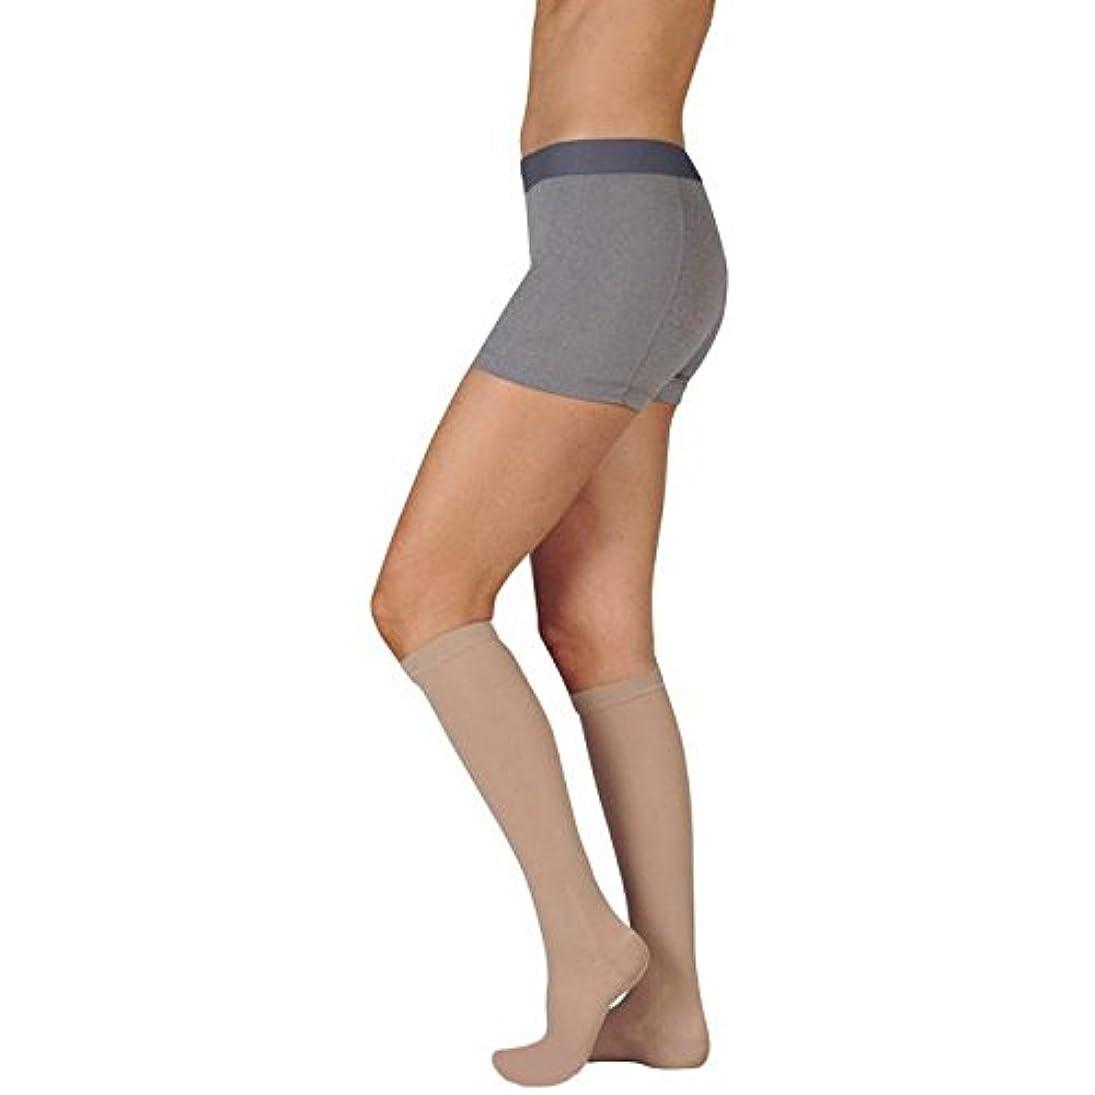 壊れたグレード操作可能Juzo Basic Knee High 20-30mmHg Closed Toe, III, beige by Juzo